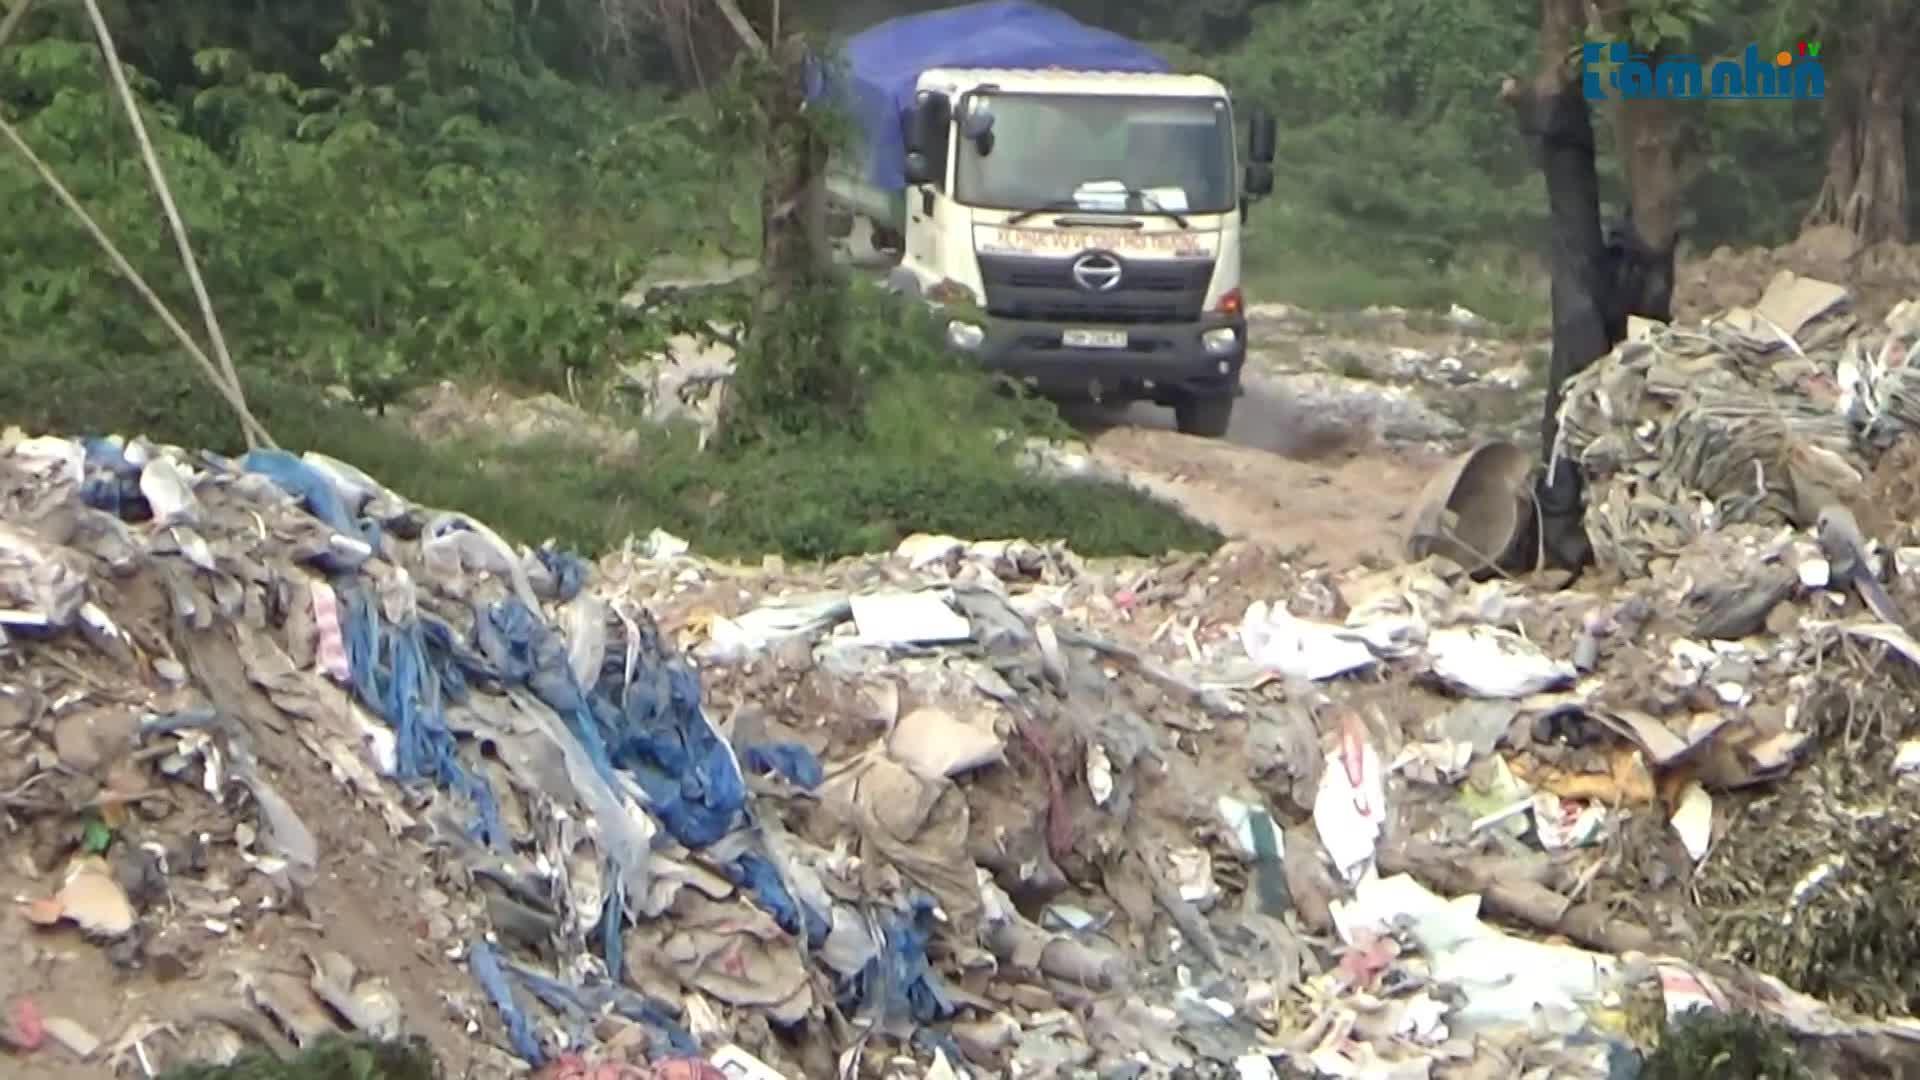 Công ty môi trường tiếp tục kéo quân đến đổ thải trái phép tại Thường Tín